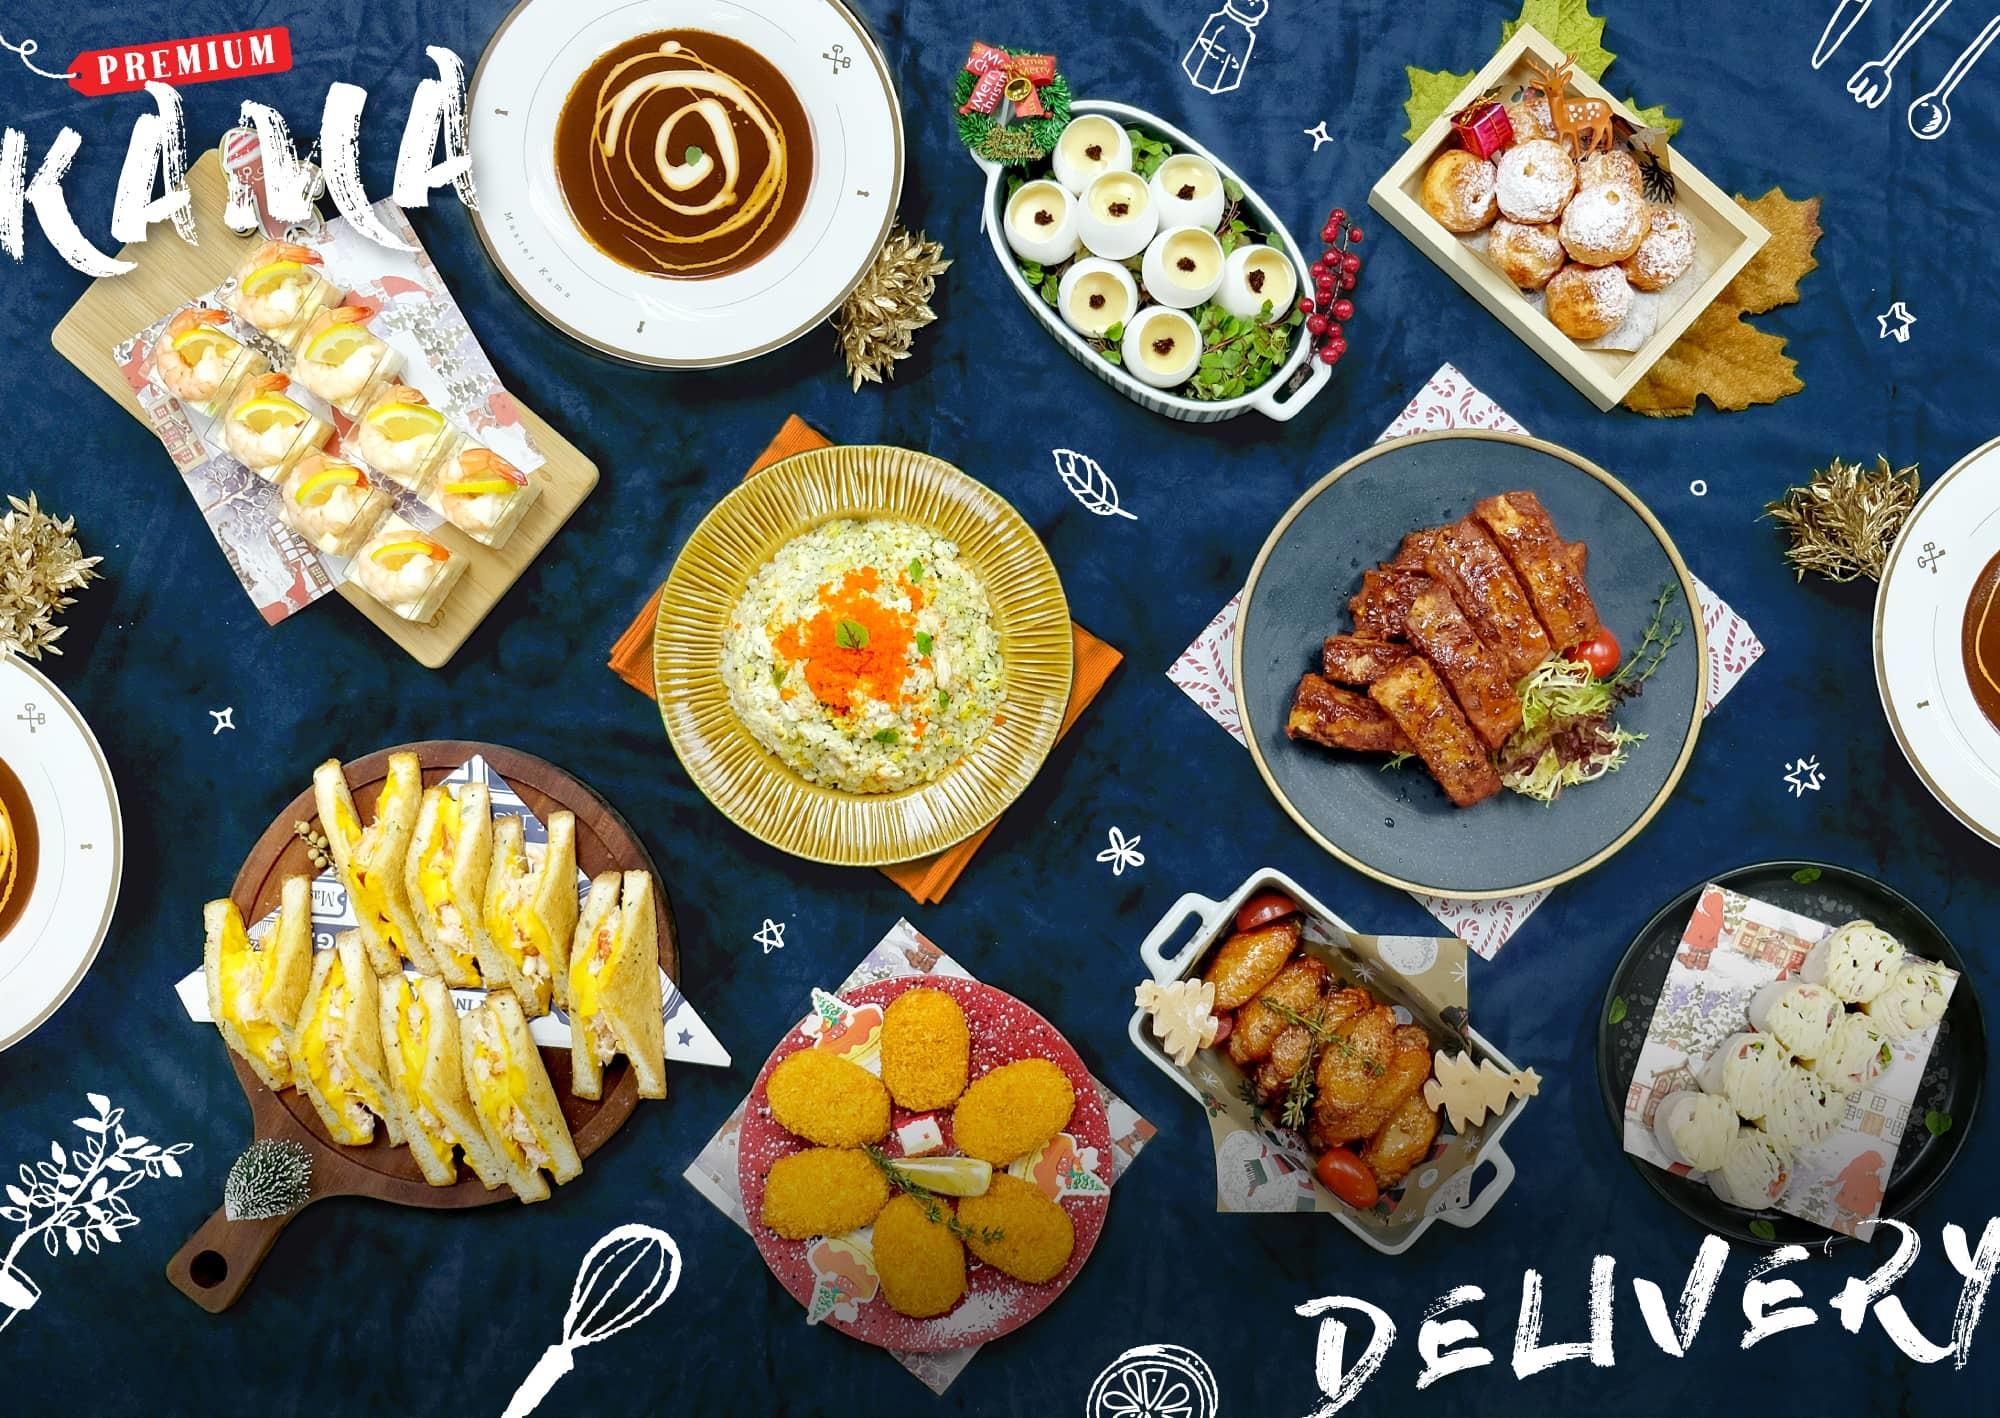 和宜合到會外賣推介|Kama Delivery擁有多年到會外賣經驗|設有多人套餐及單點食物供選購